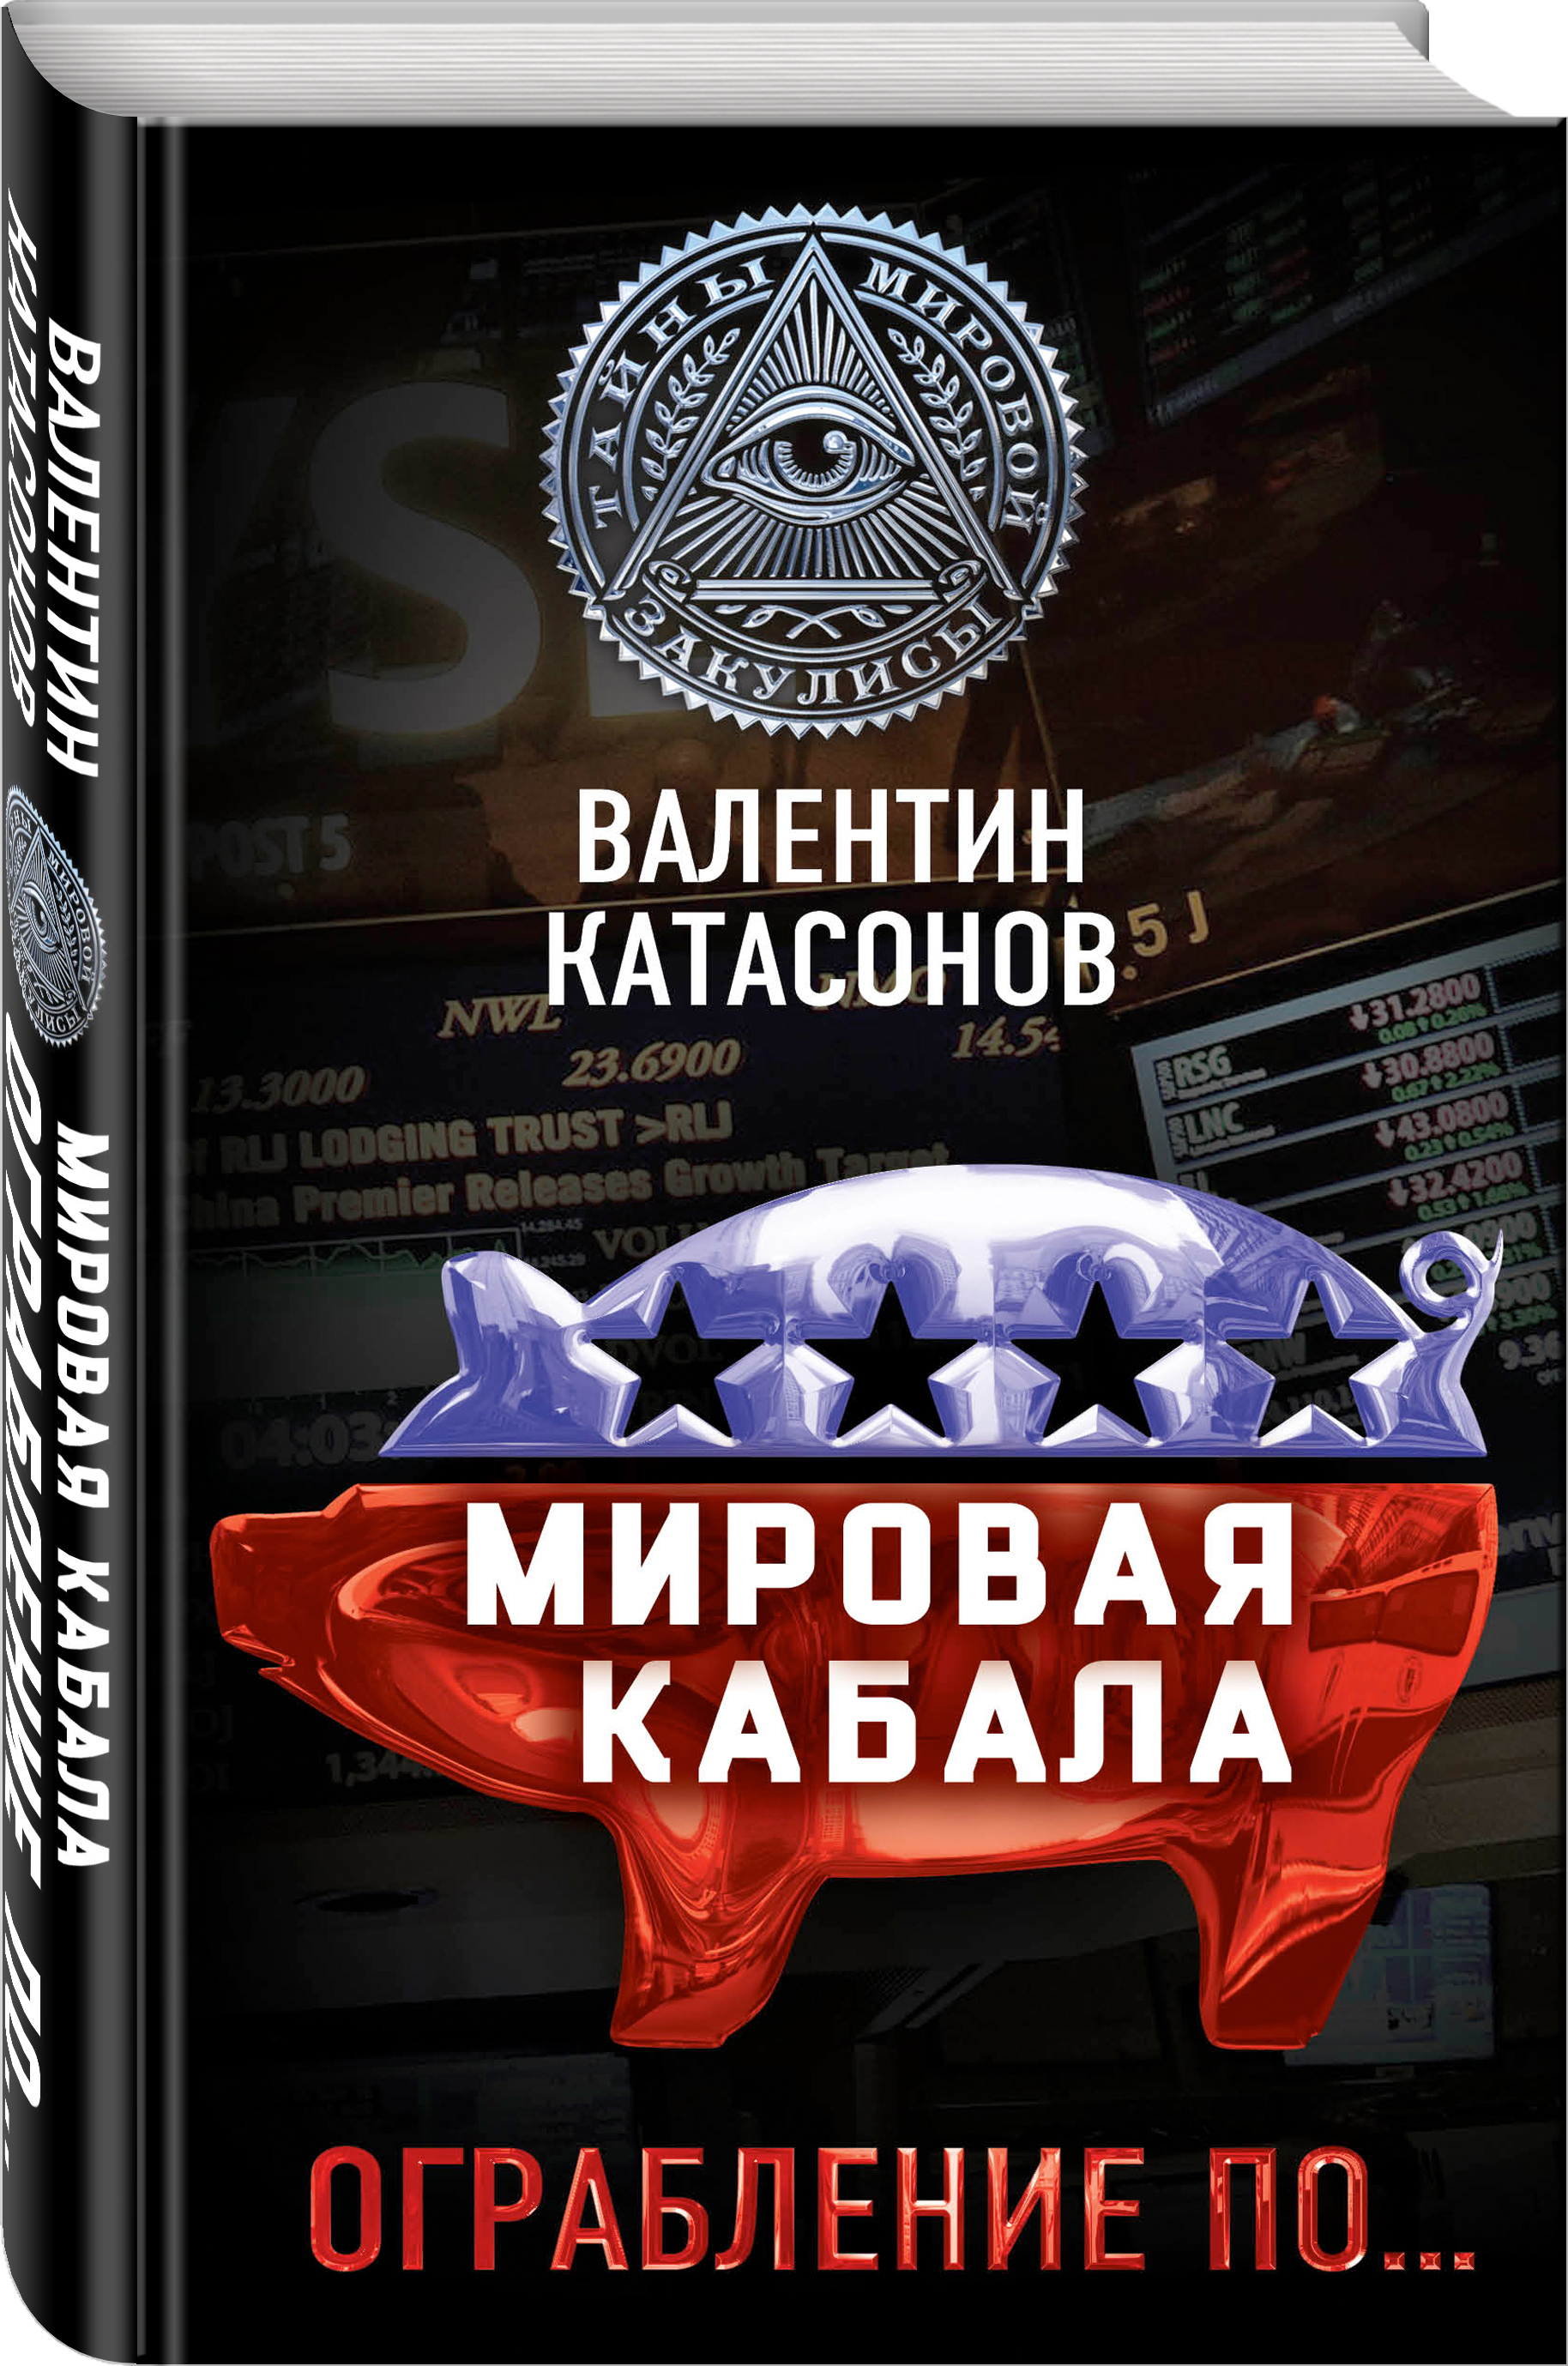 Валентин Катасонов Мировая кабала. Ограбление по… катасонов валентин юрьевич мировая кабала ограбление по…